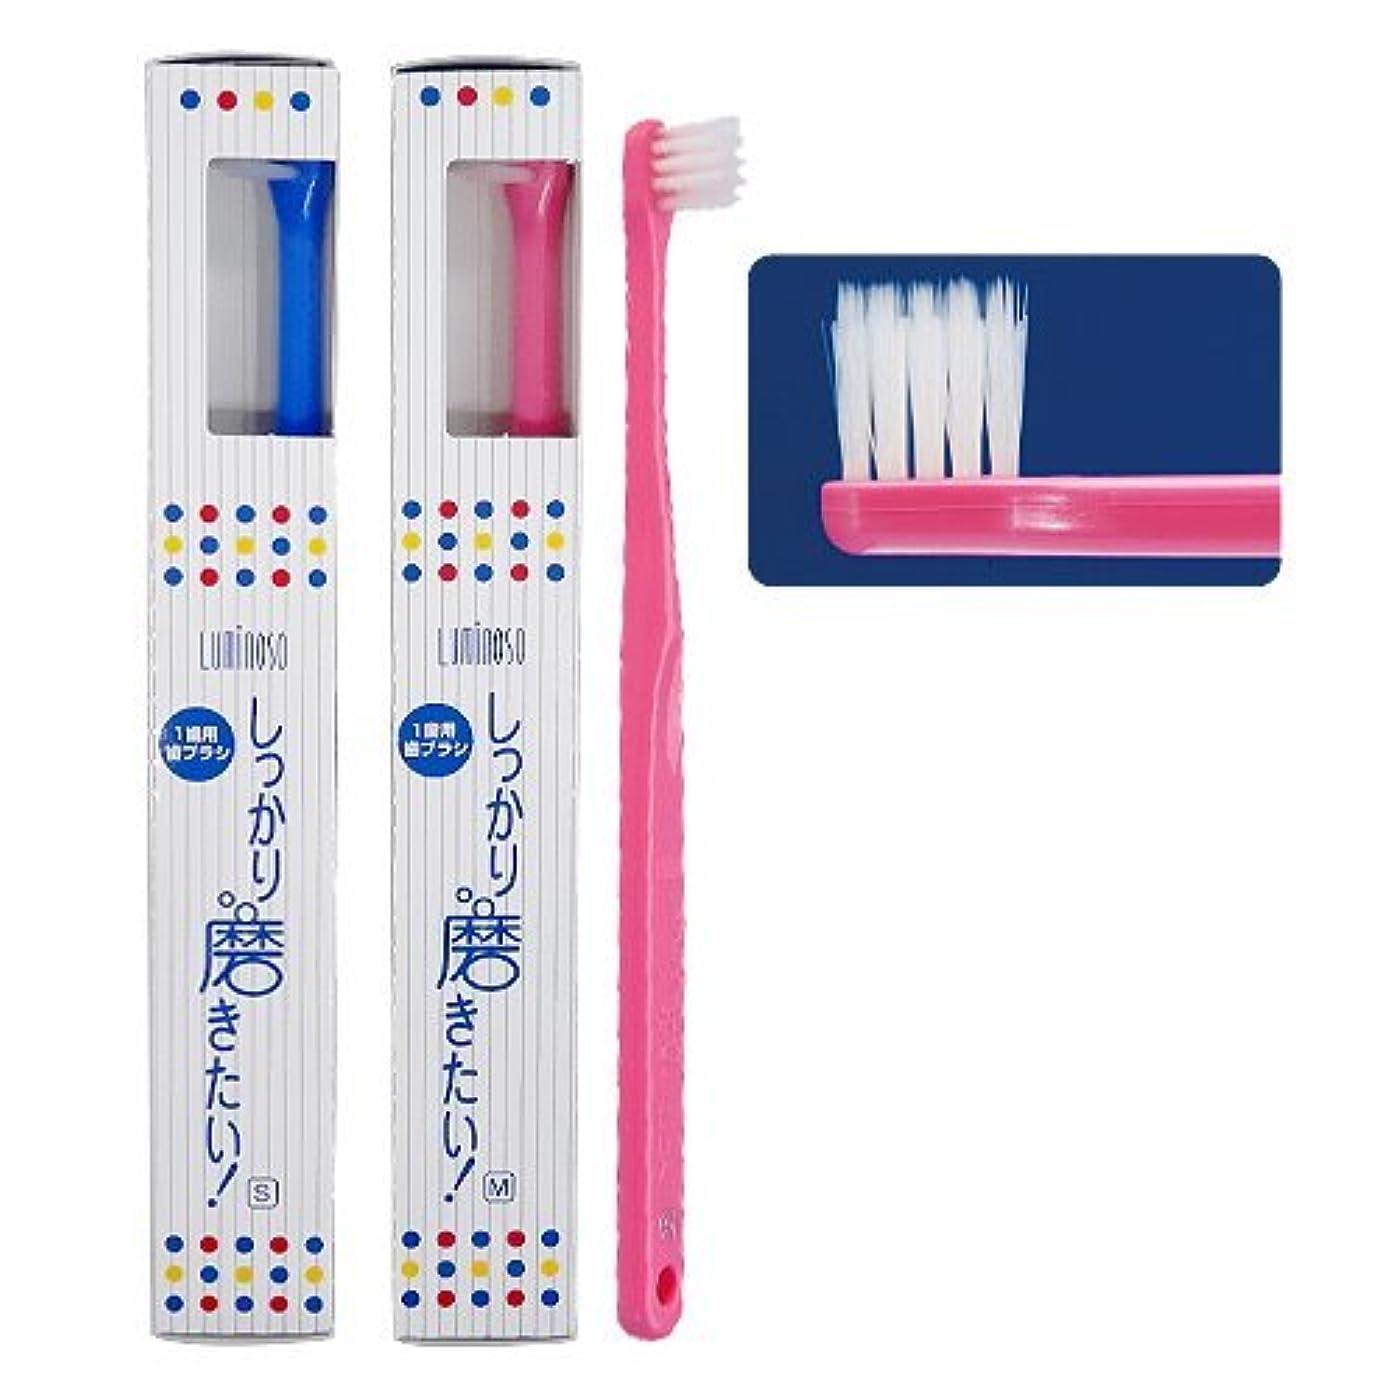 増幅日呼びかけるルミノソ 1歯用歯ブラシ「しっかり磨きたい!」スタンダード ソフト (カラー指定不可) 3本